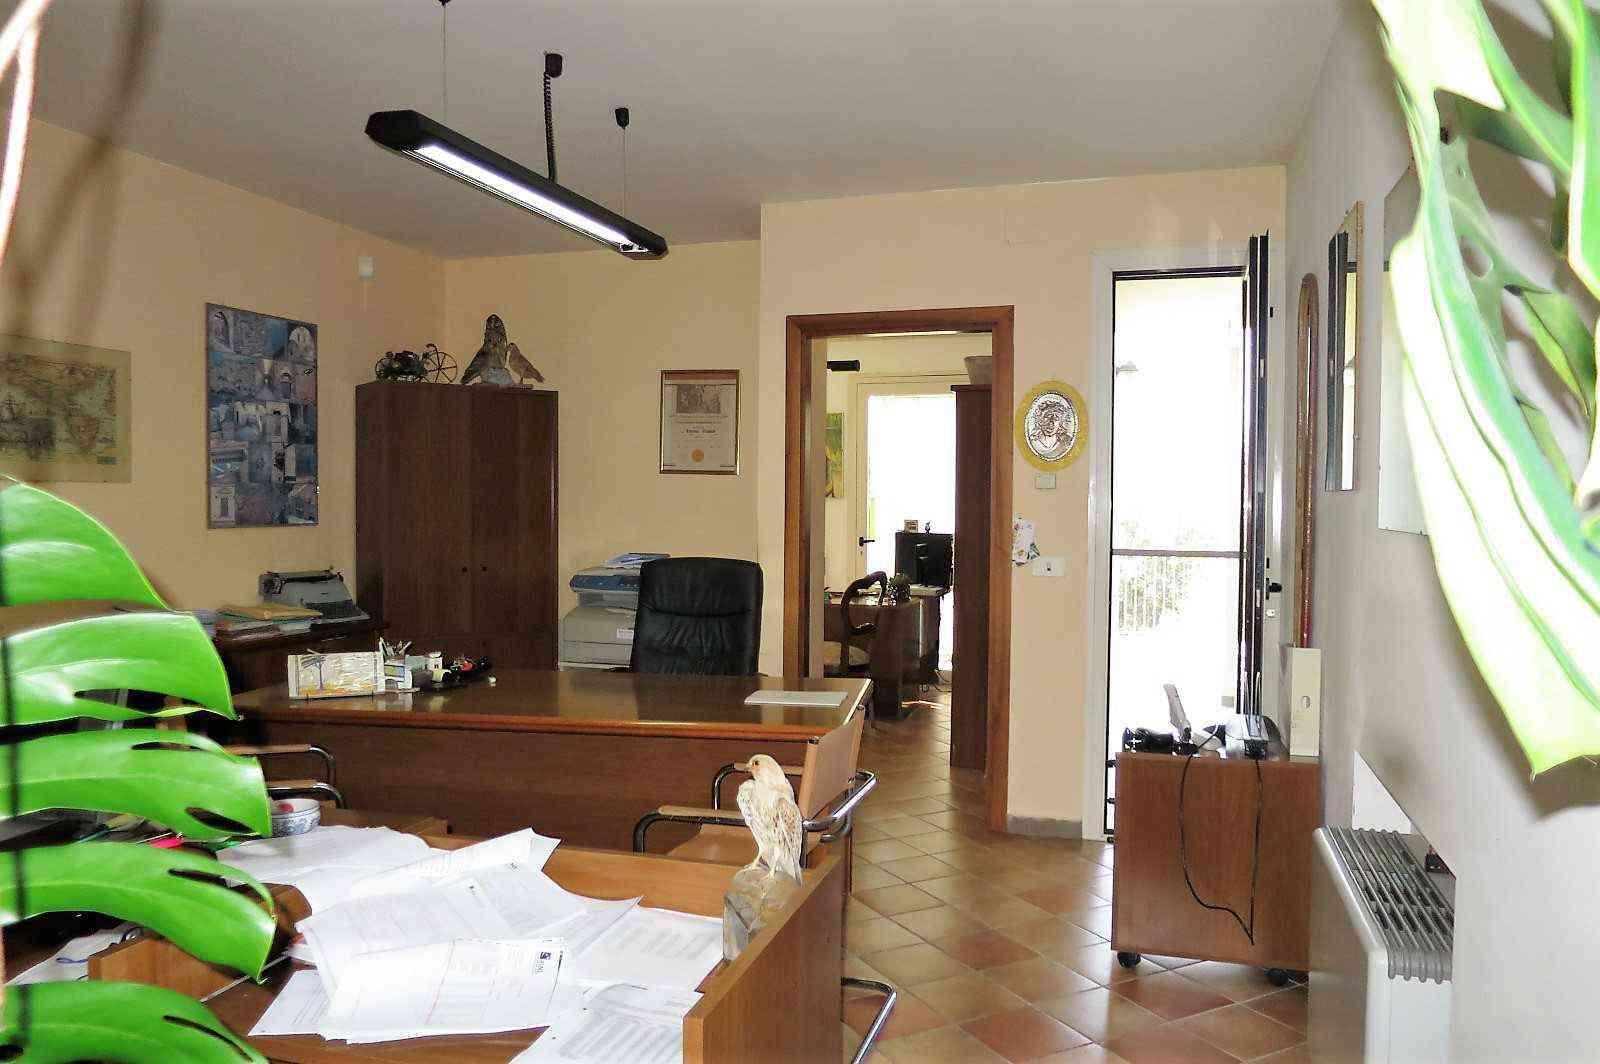 Villa Villa for sale Atri (TE), Villa Paola - Atri - EUR 473.281 170